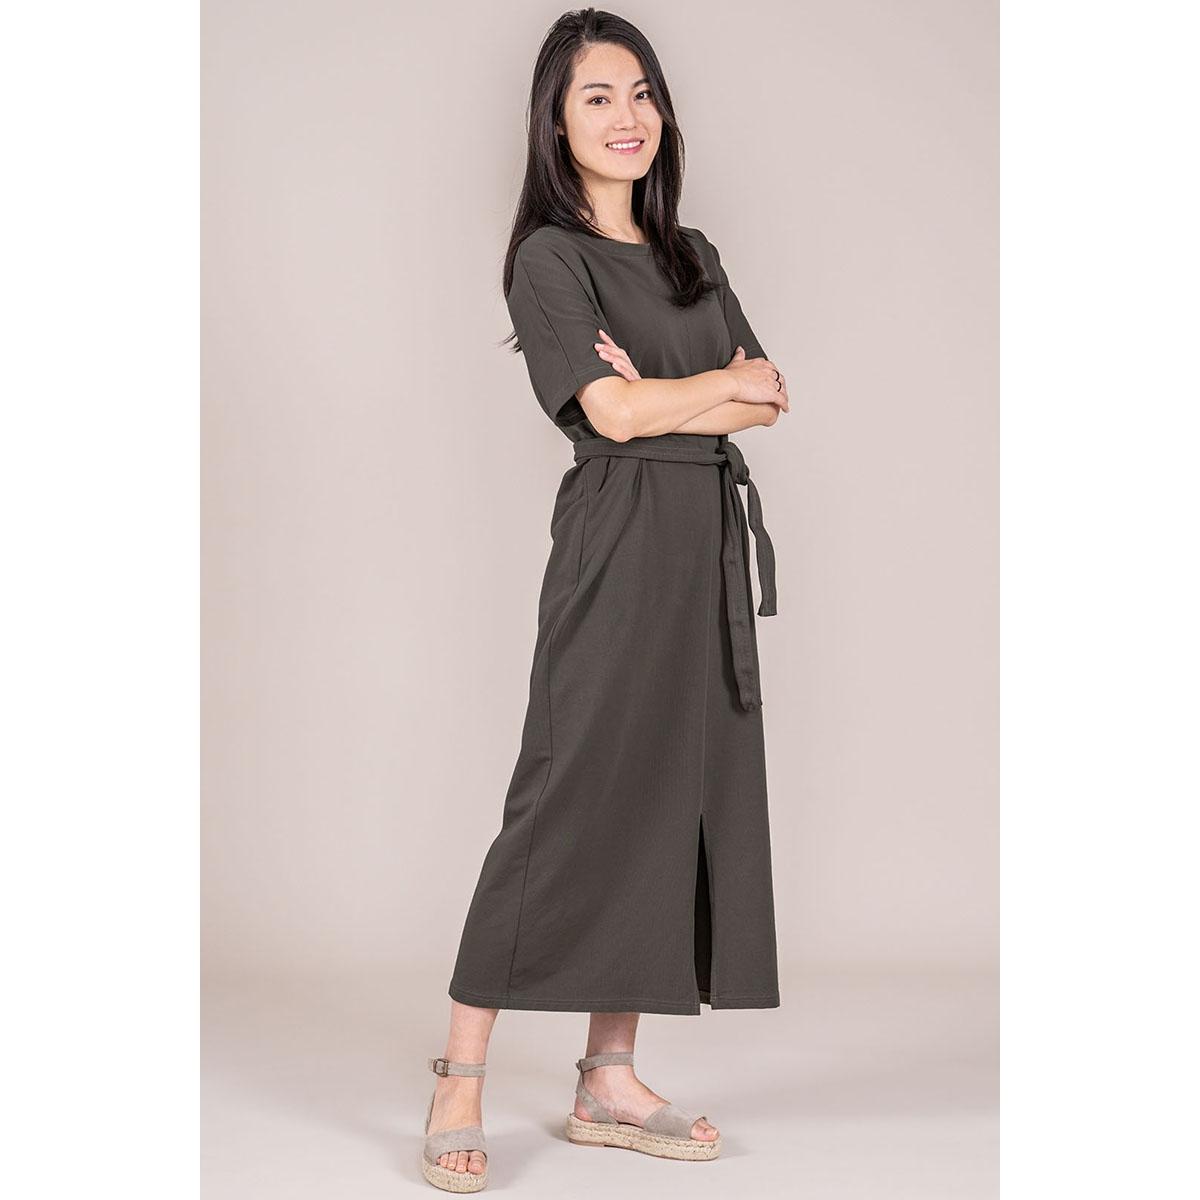 03lj19vagg hippe lange jurk zusss jurk agg grijs-groen